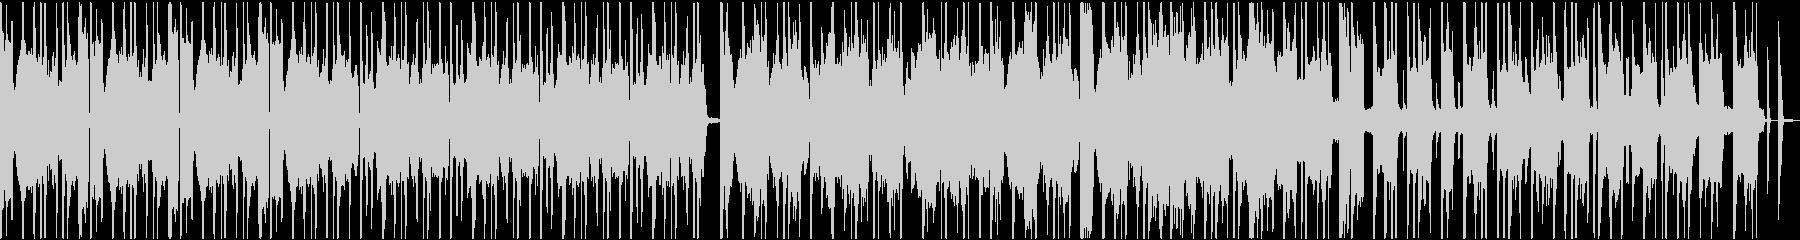 真面目なイメージの短い尺のループ楽曲の未再生の波形